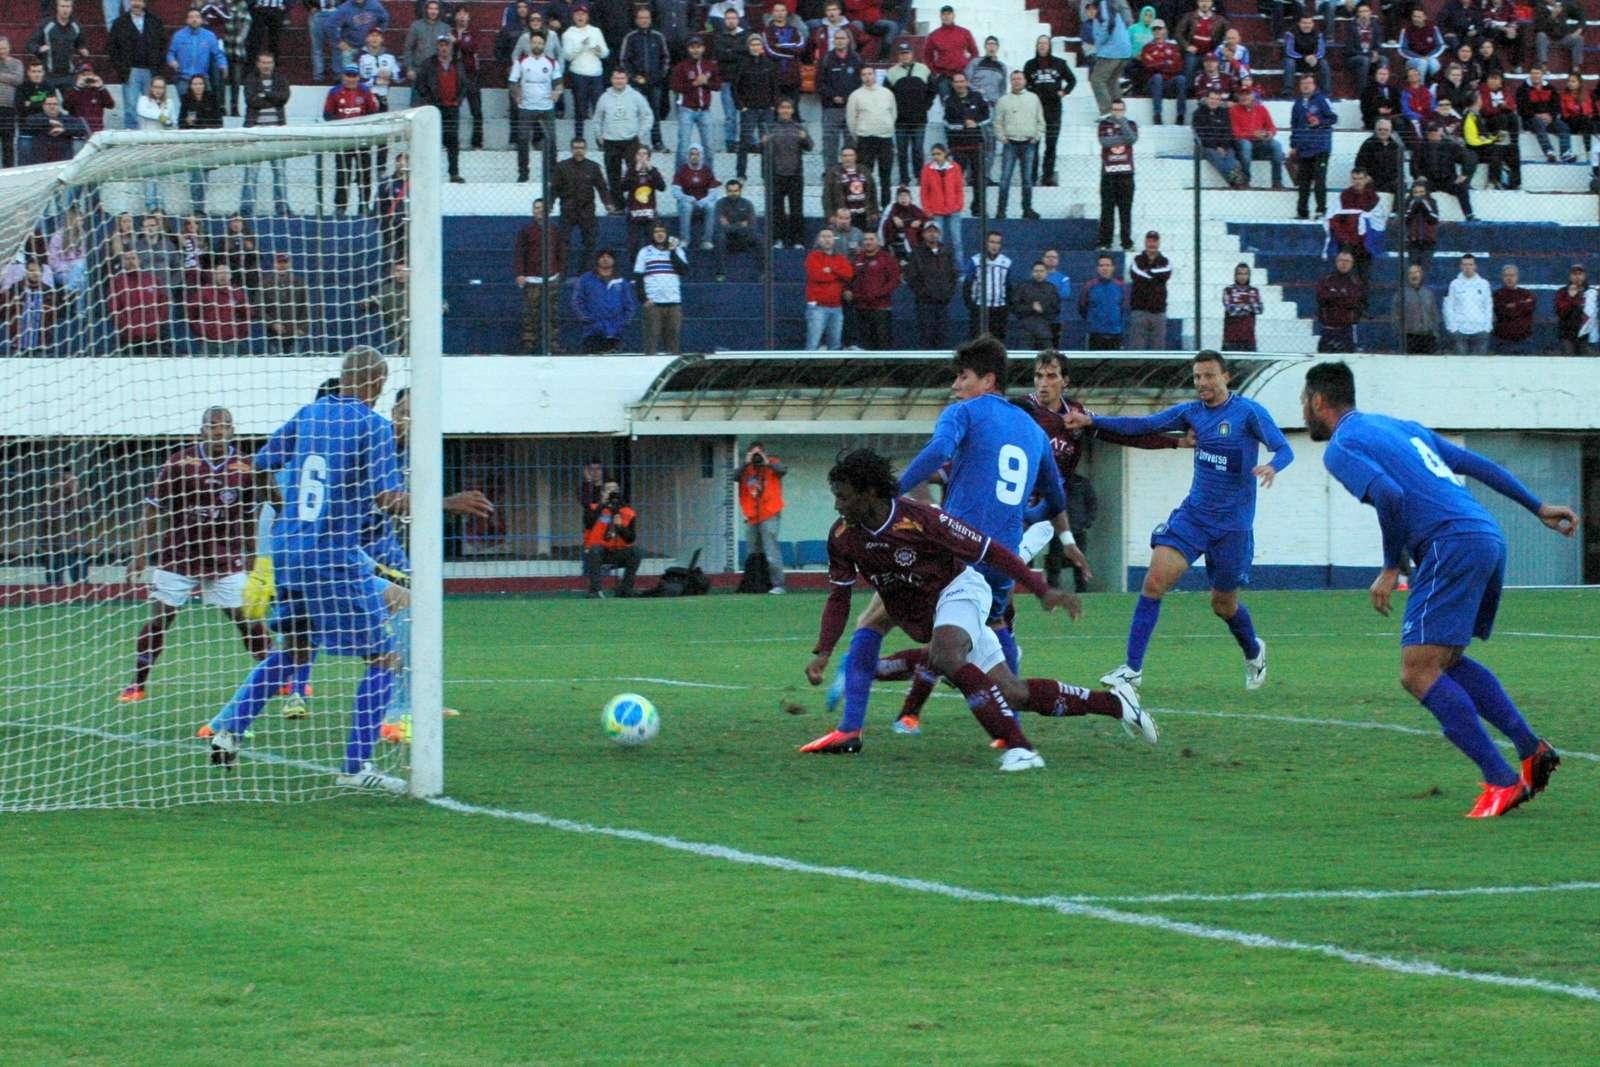 Baiano anotou o primeiro gol do Caxias na partida Foto: Rafael tOMÉ/Divulgação